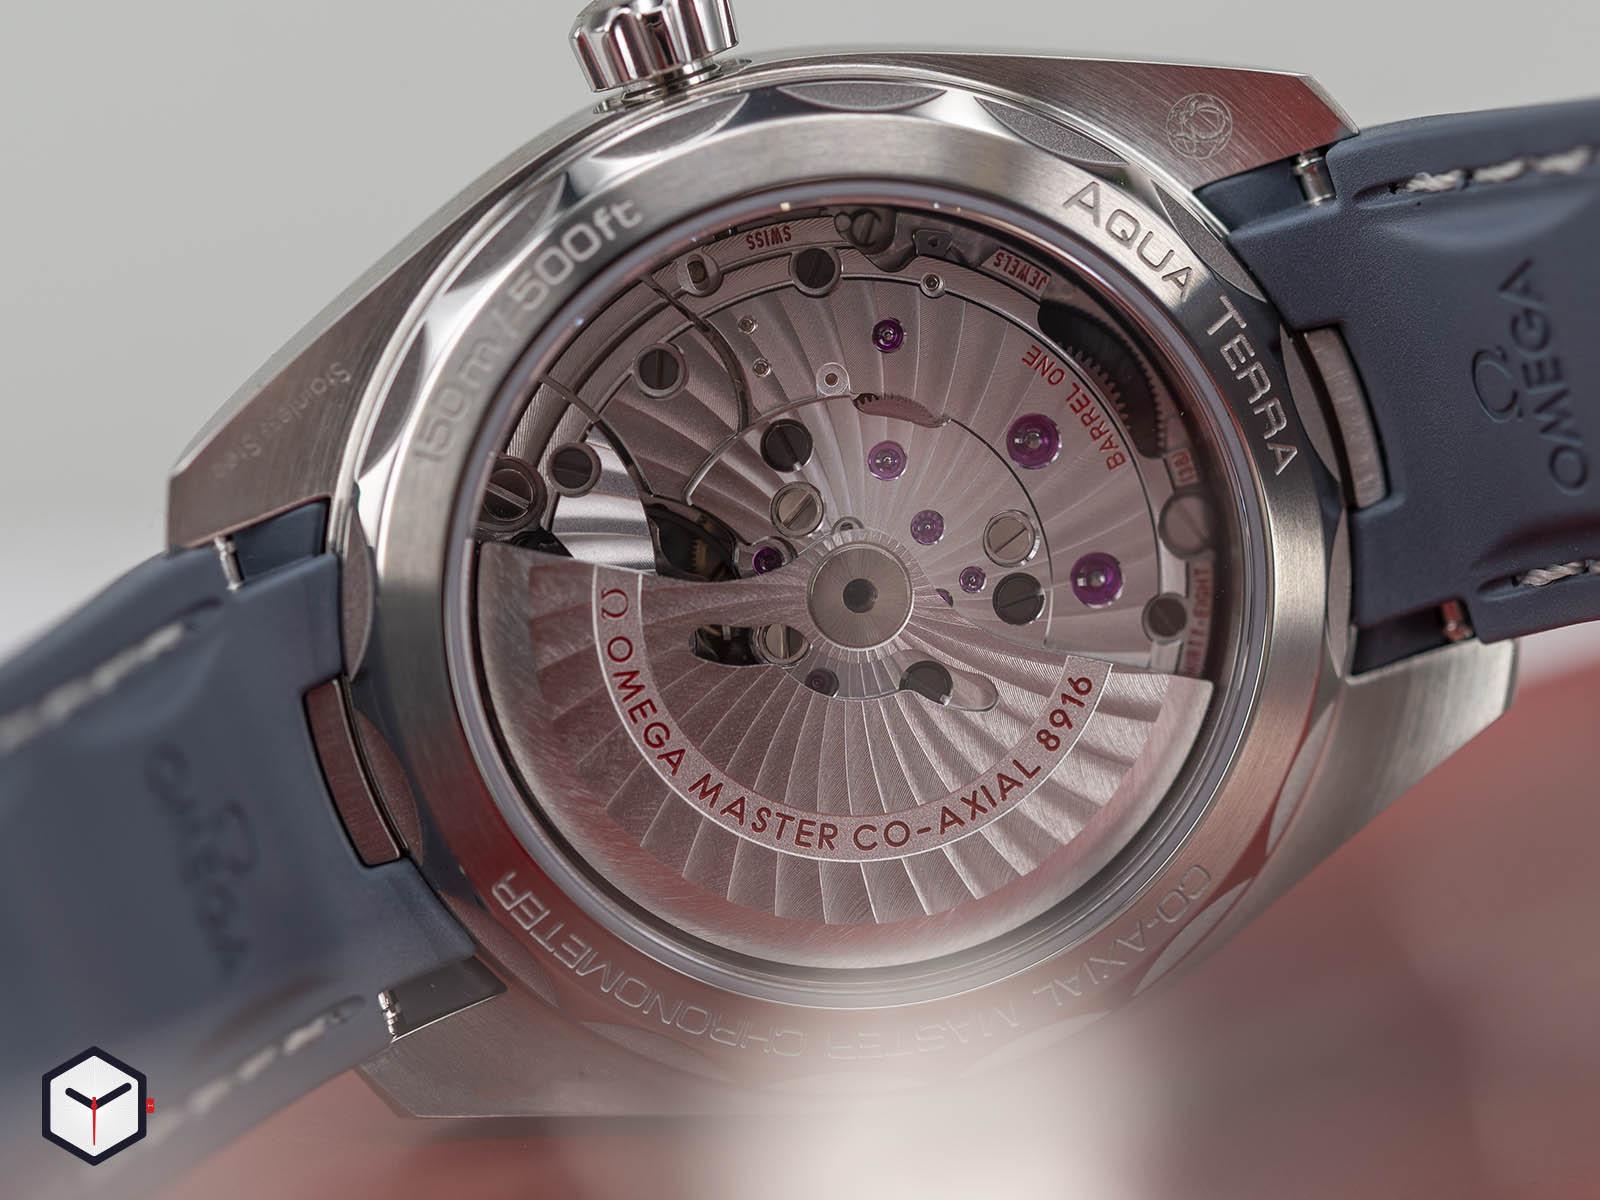 omega-aqua-terra-150m-co-axial-master-chronometer-small-seconds-41mm-6.jpg